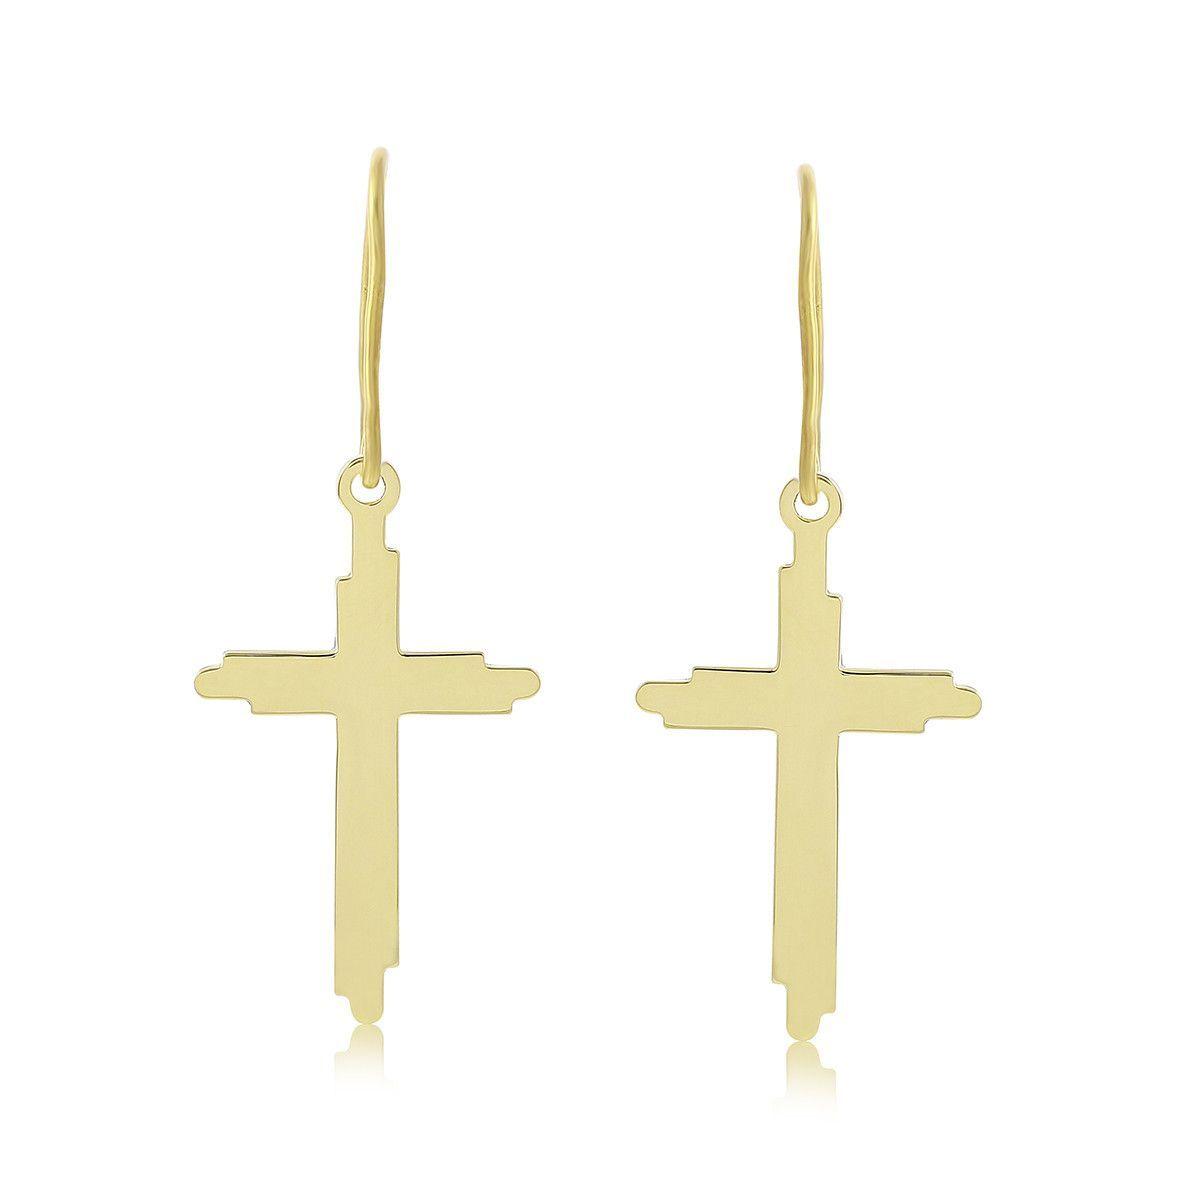 Holy Cross Flurie Cross Earrings in Brass